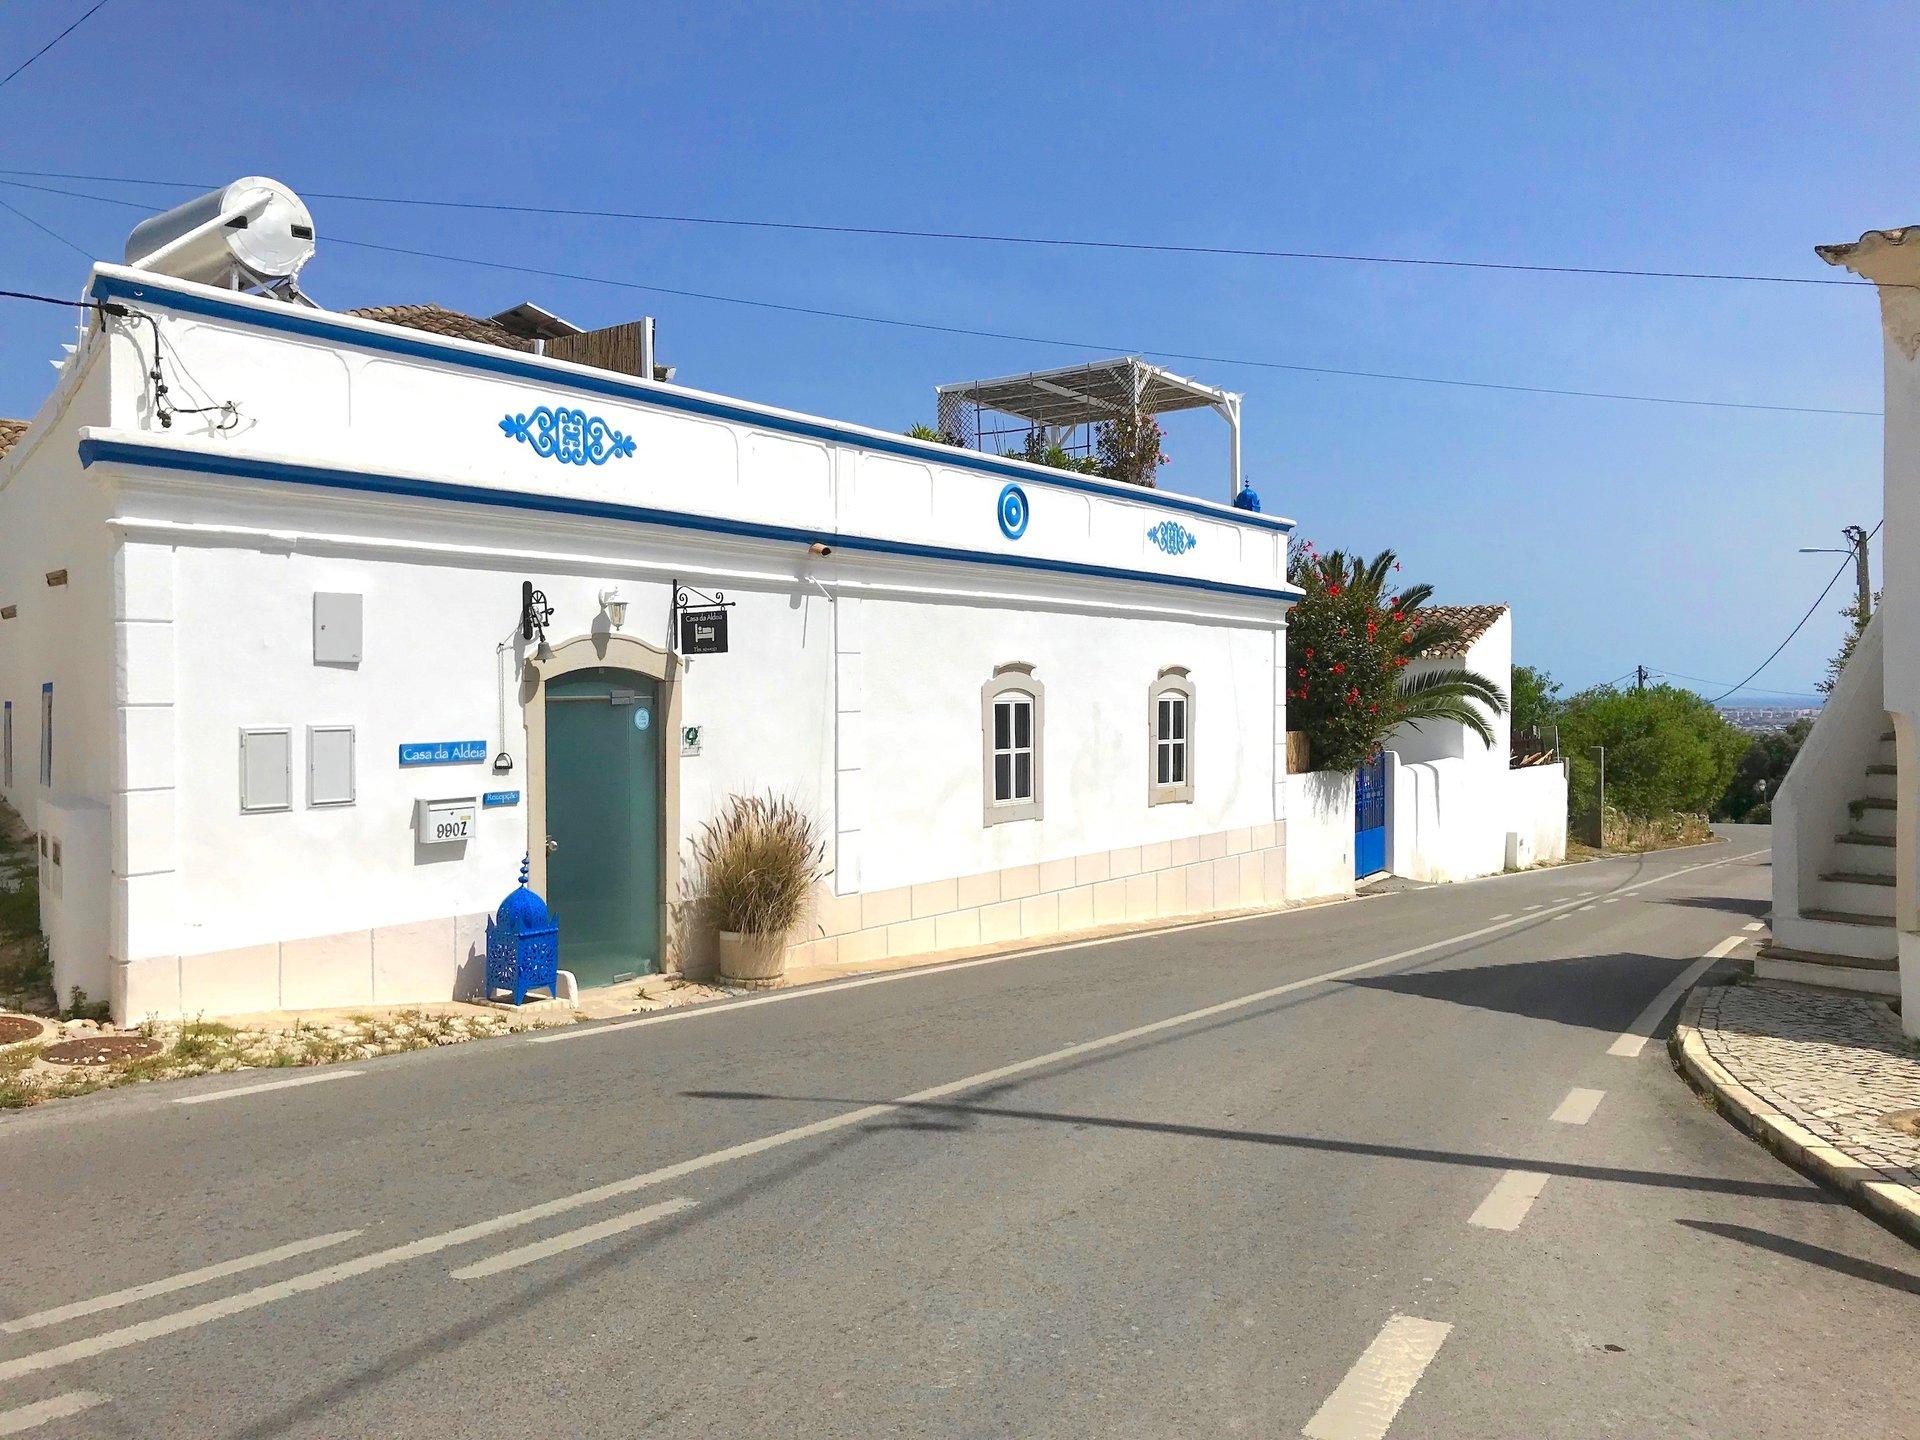 5 Bedroom Villa Santa Barbara de Nexe, Central Algarve Ref: RV5460